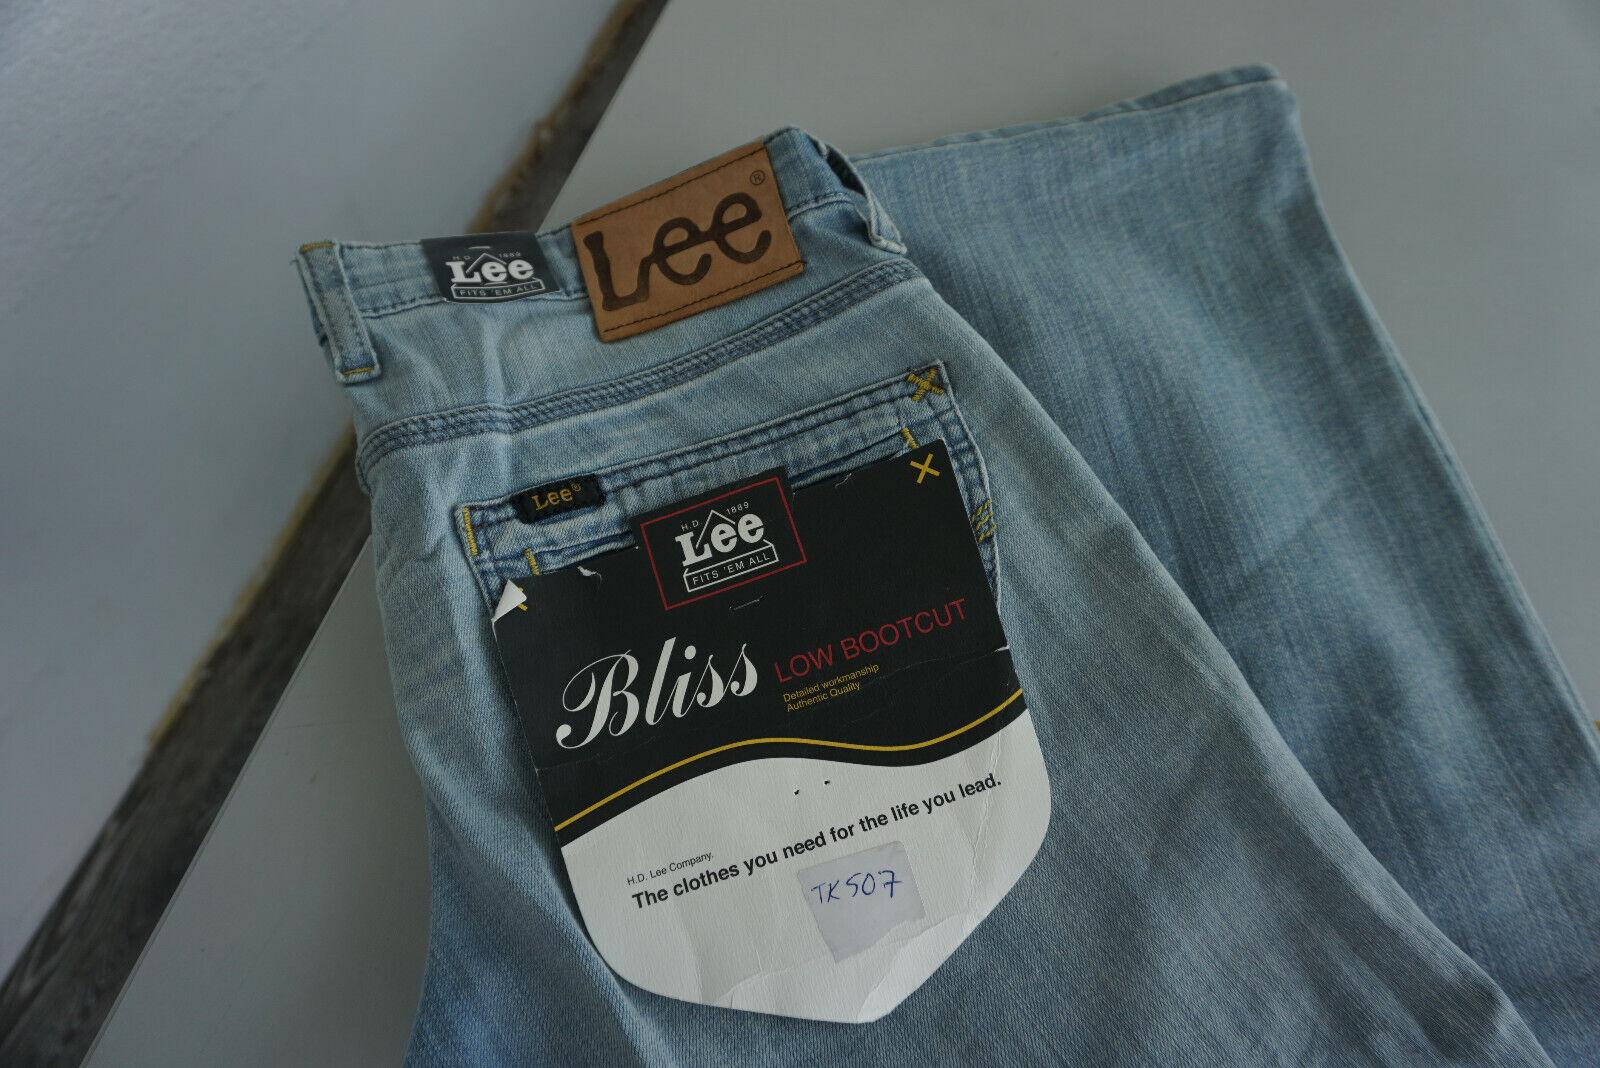 Lee Bliss low  botacut jeans fina Super pantalón elástico w28 l33 Stonewash azul nuevo 5  respuestas rápidas